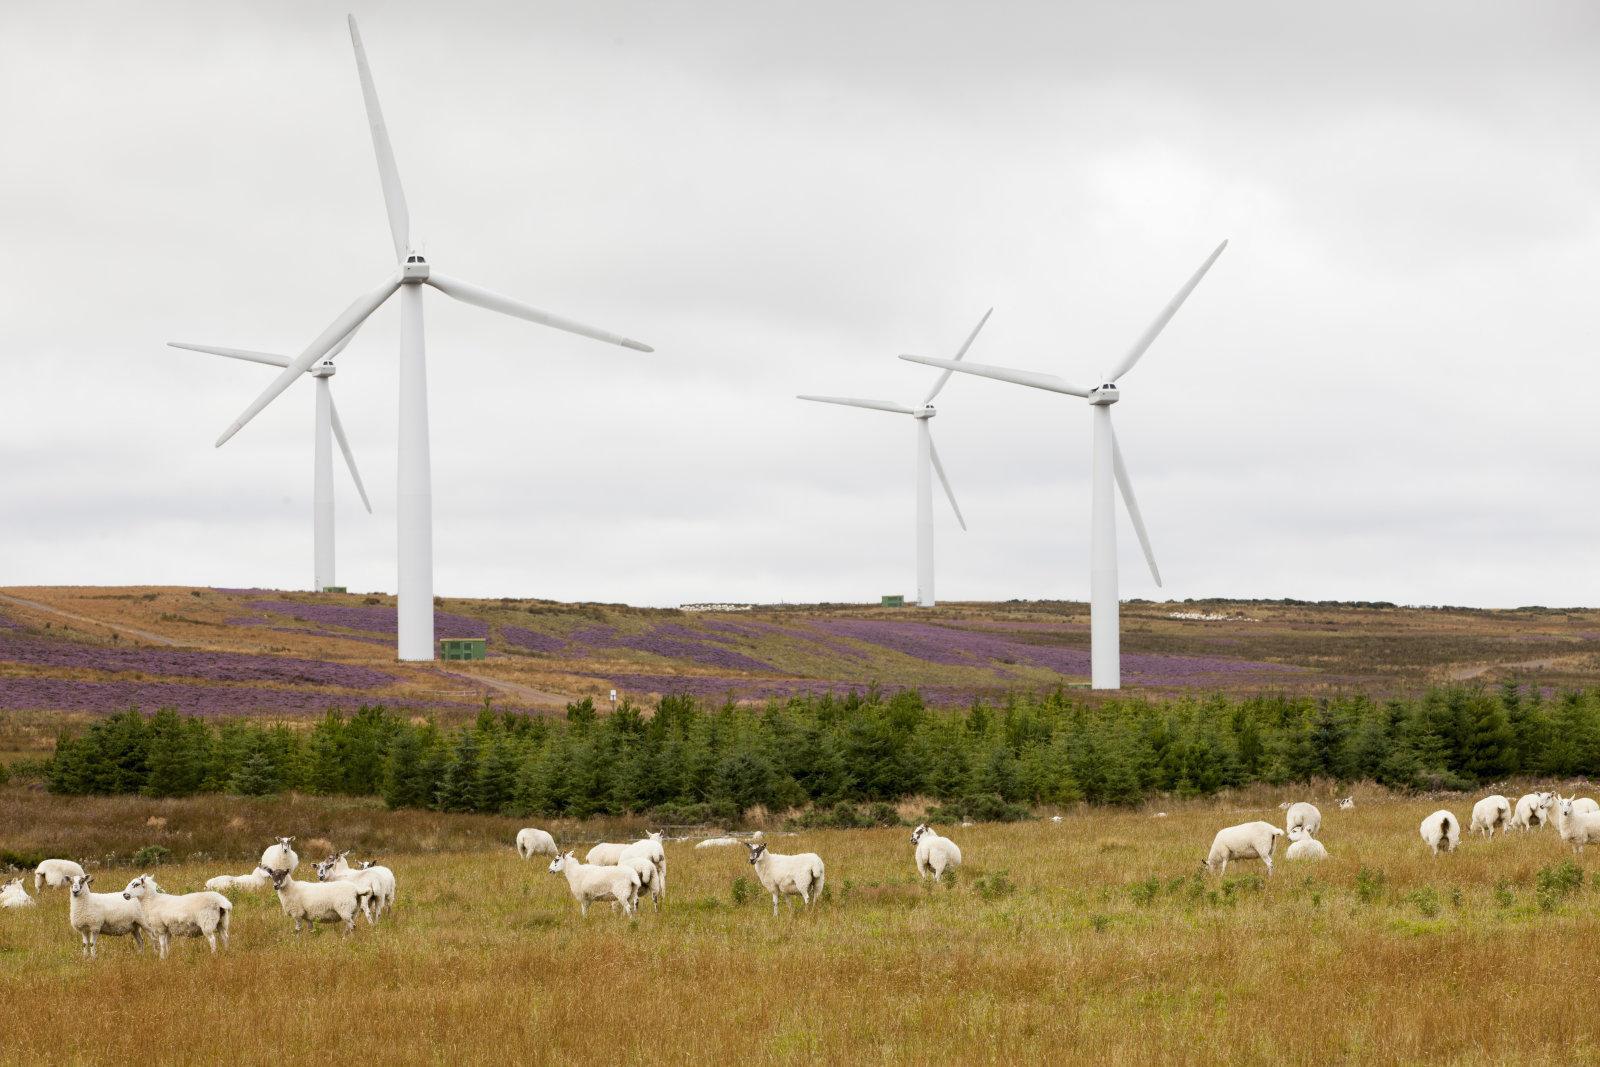 Шотландия переходит на возобновляемые источники энергии (dims 3 1)